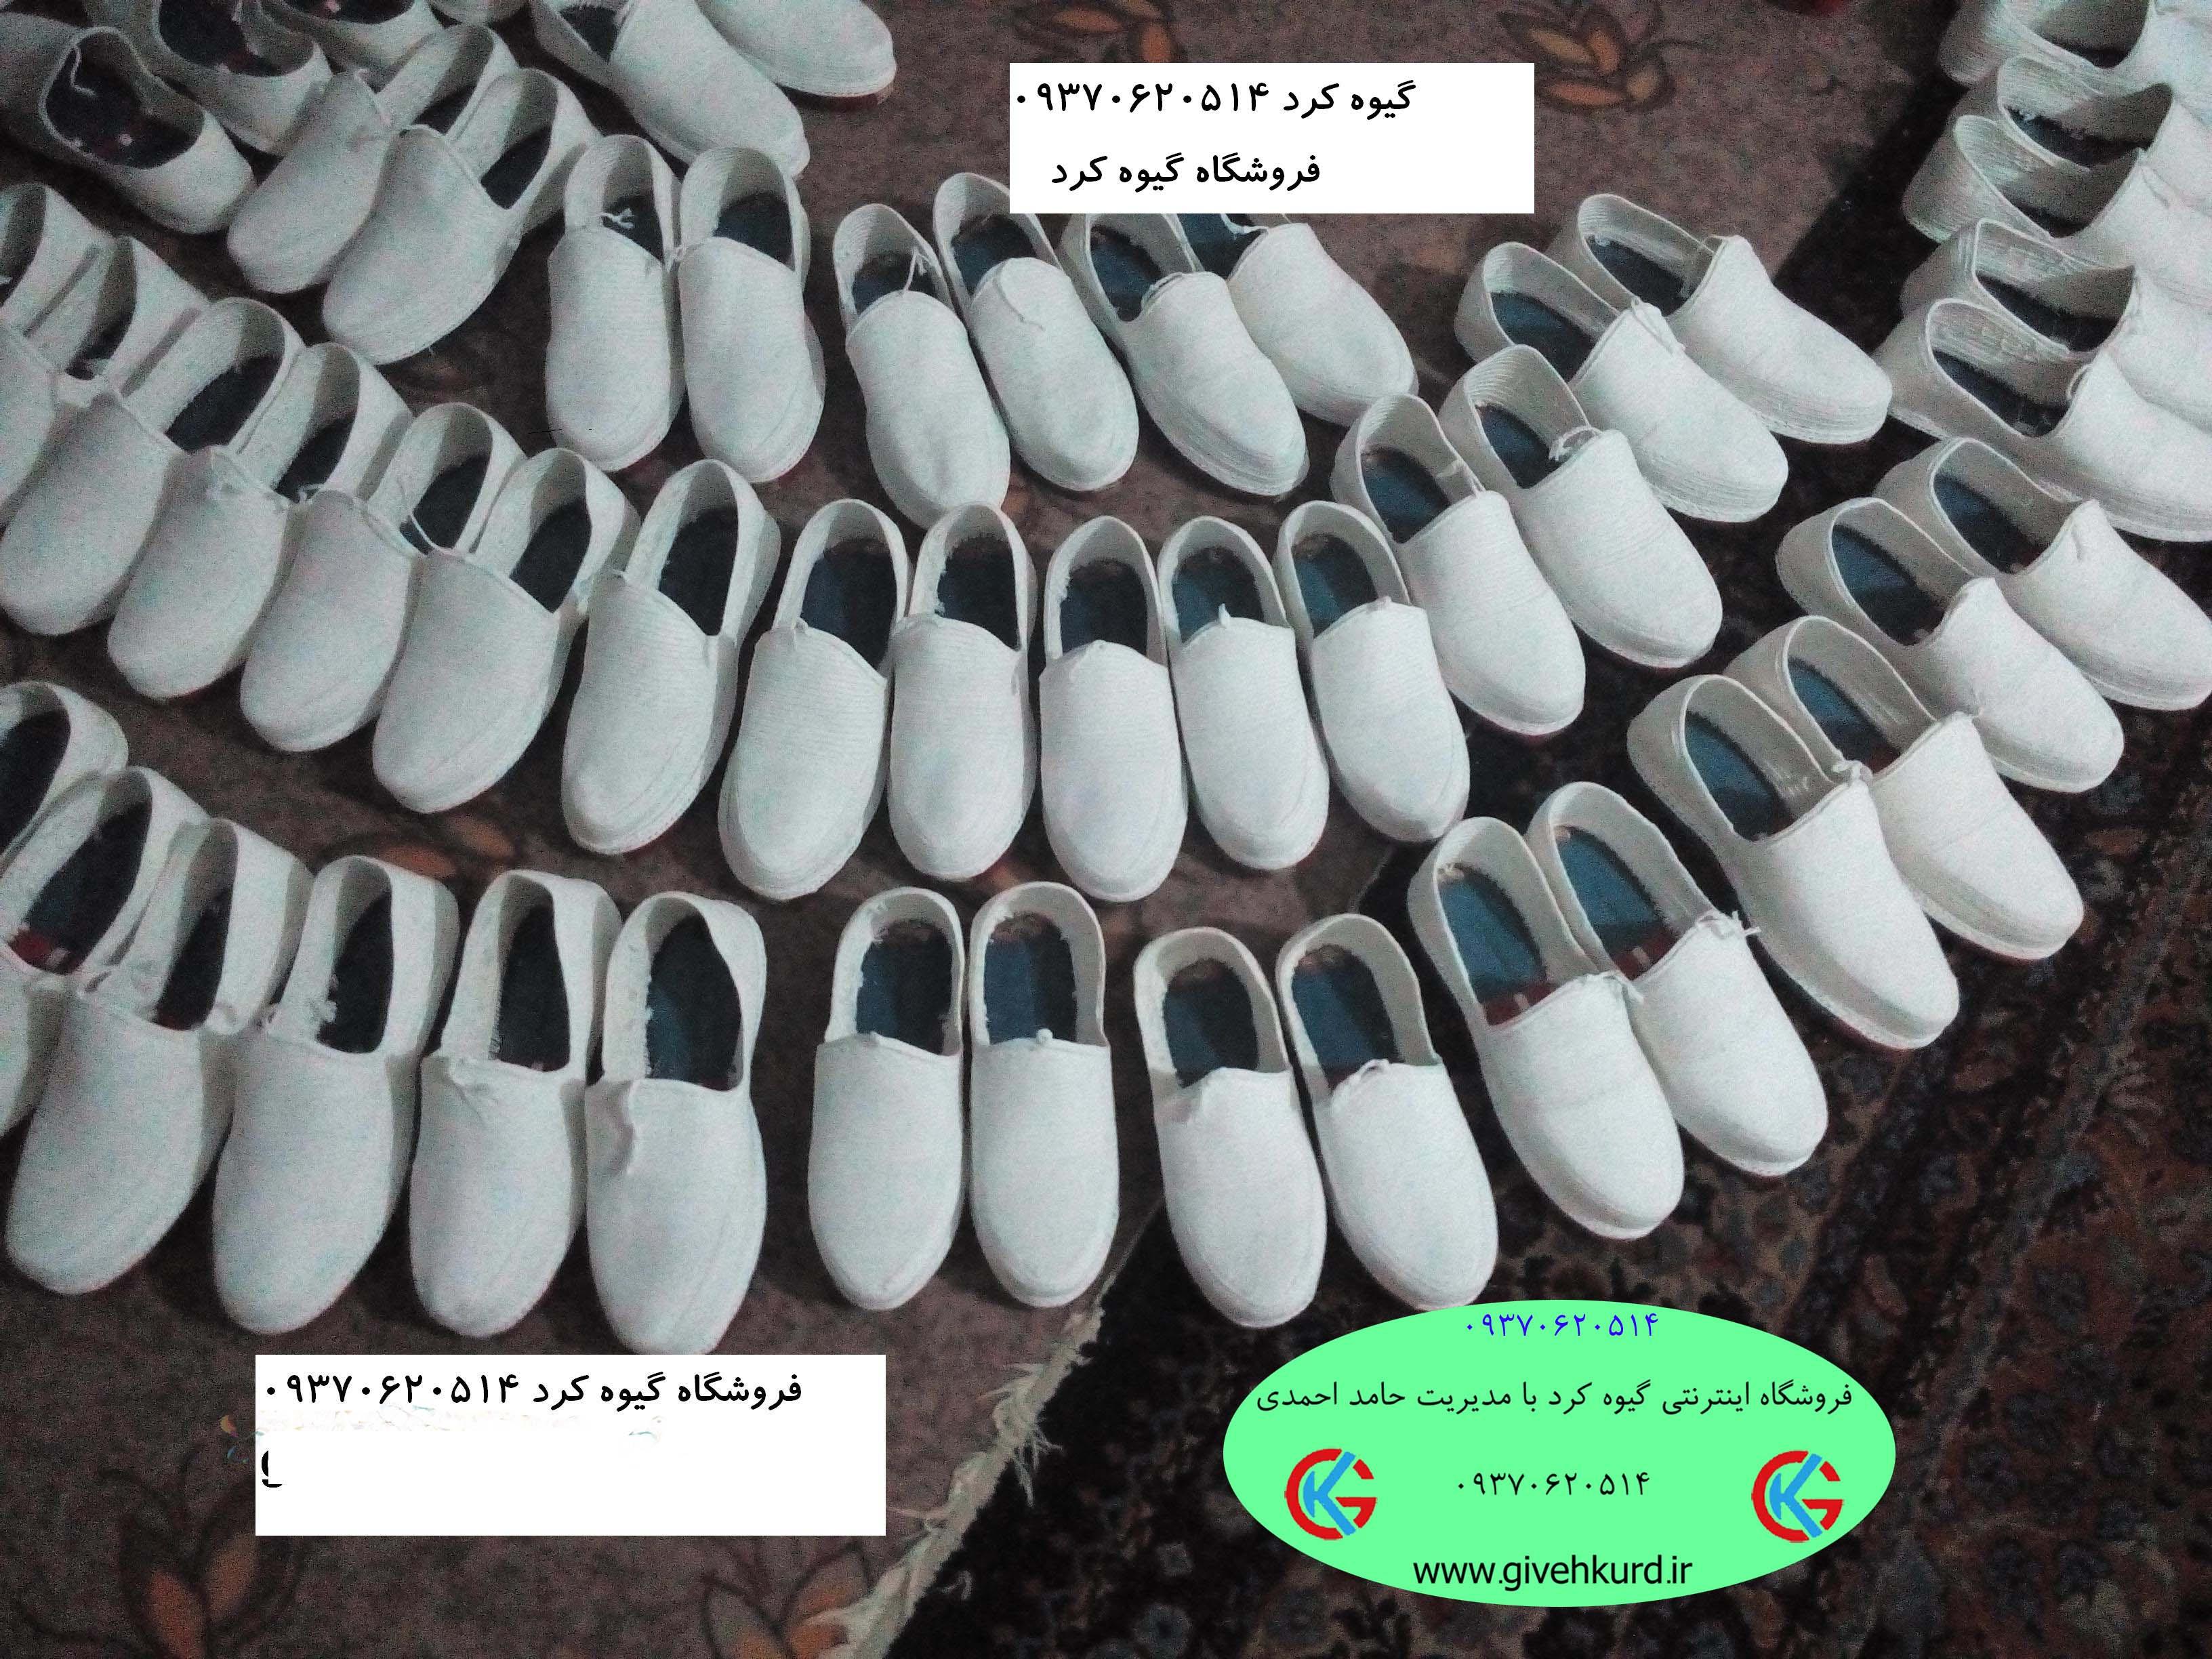 فروش اینترنتی گیوه کلاش کردستان